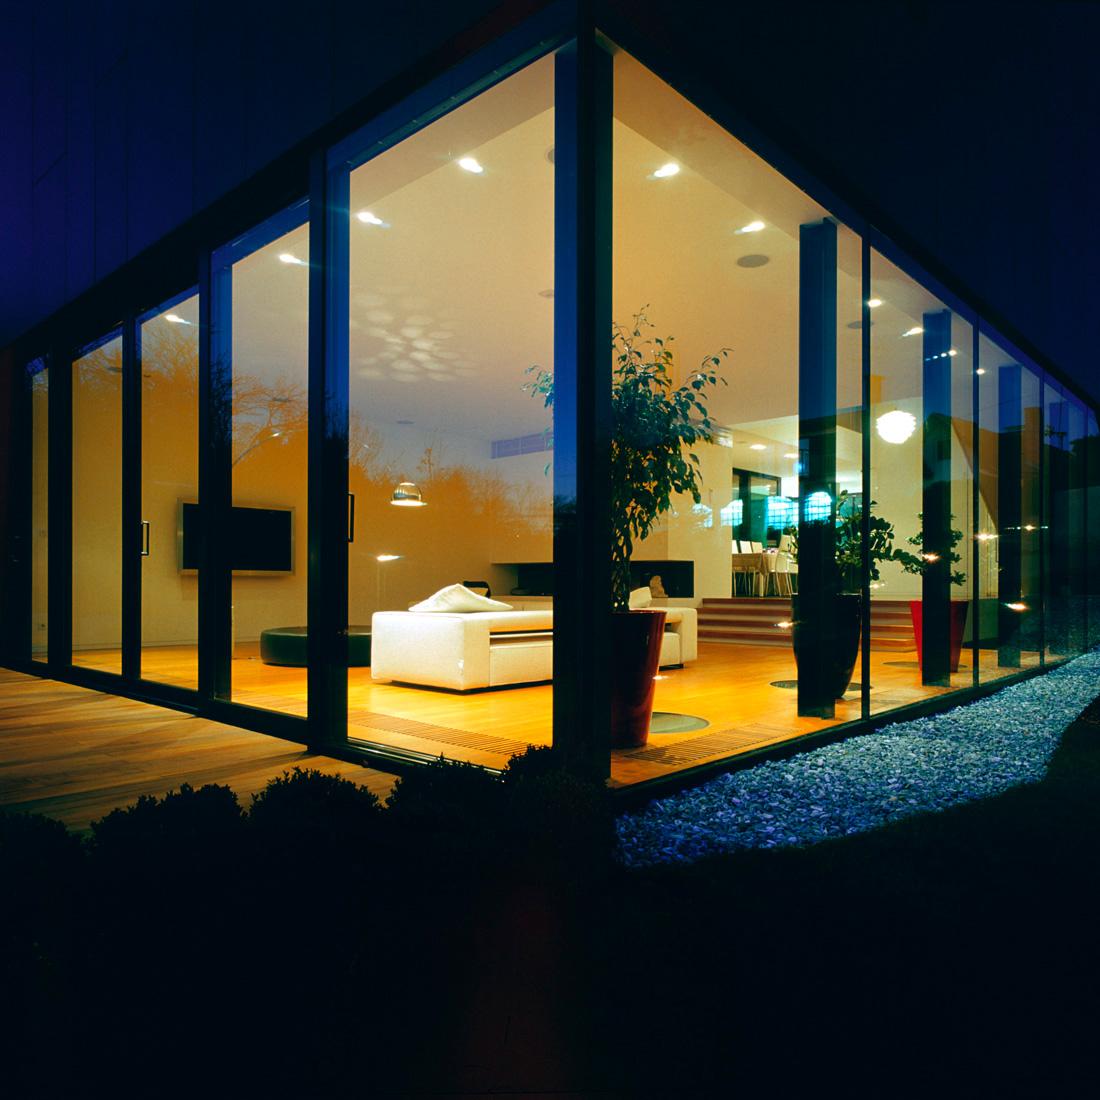 1022900811_3lhd-house-n-photo-damir-fabijanic-09-1231856034 1022900811_3lhd-house-n-photo-damir-fabijanic-09-1231856034